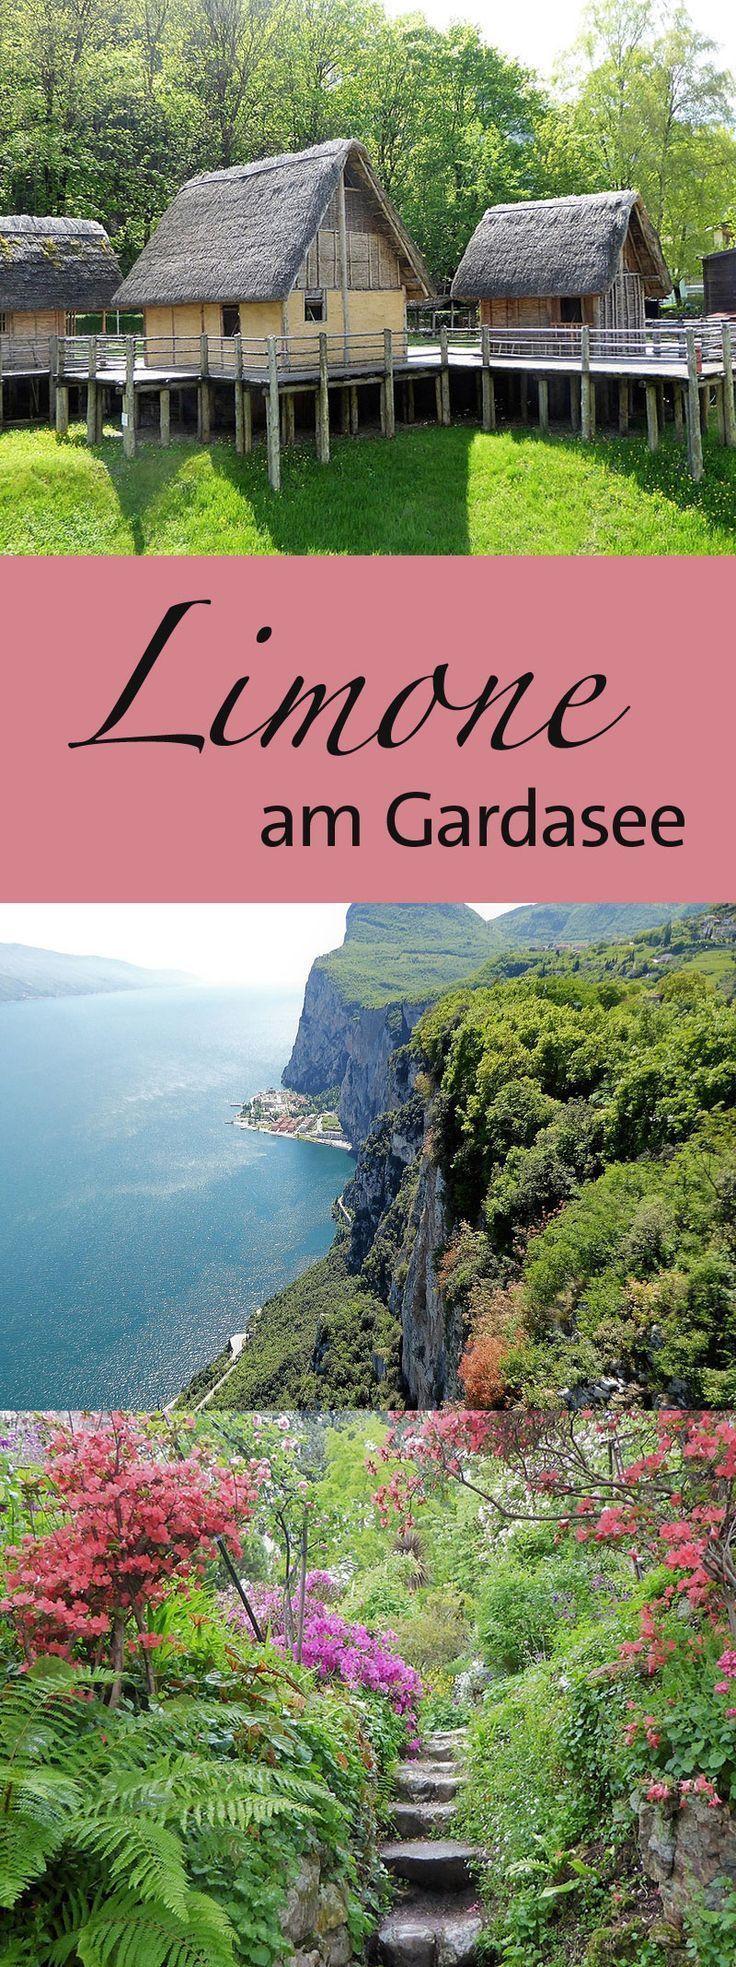 Reise: Reisetipp Limone am Gardasee – reisefroh   Reiseblog